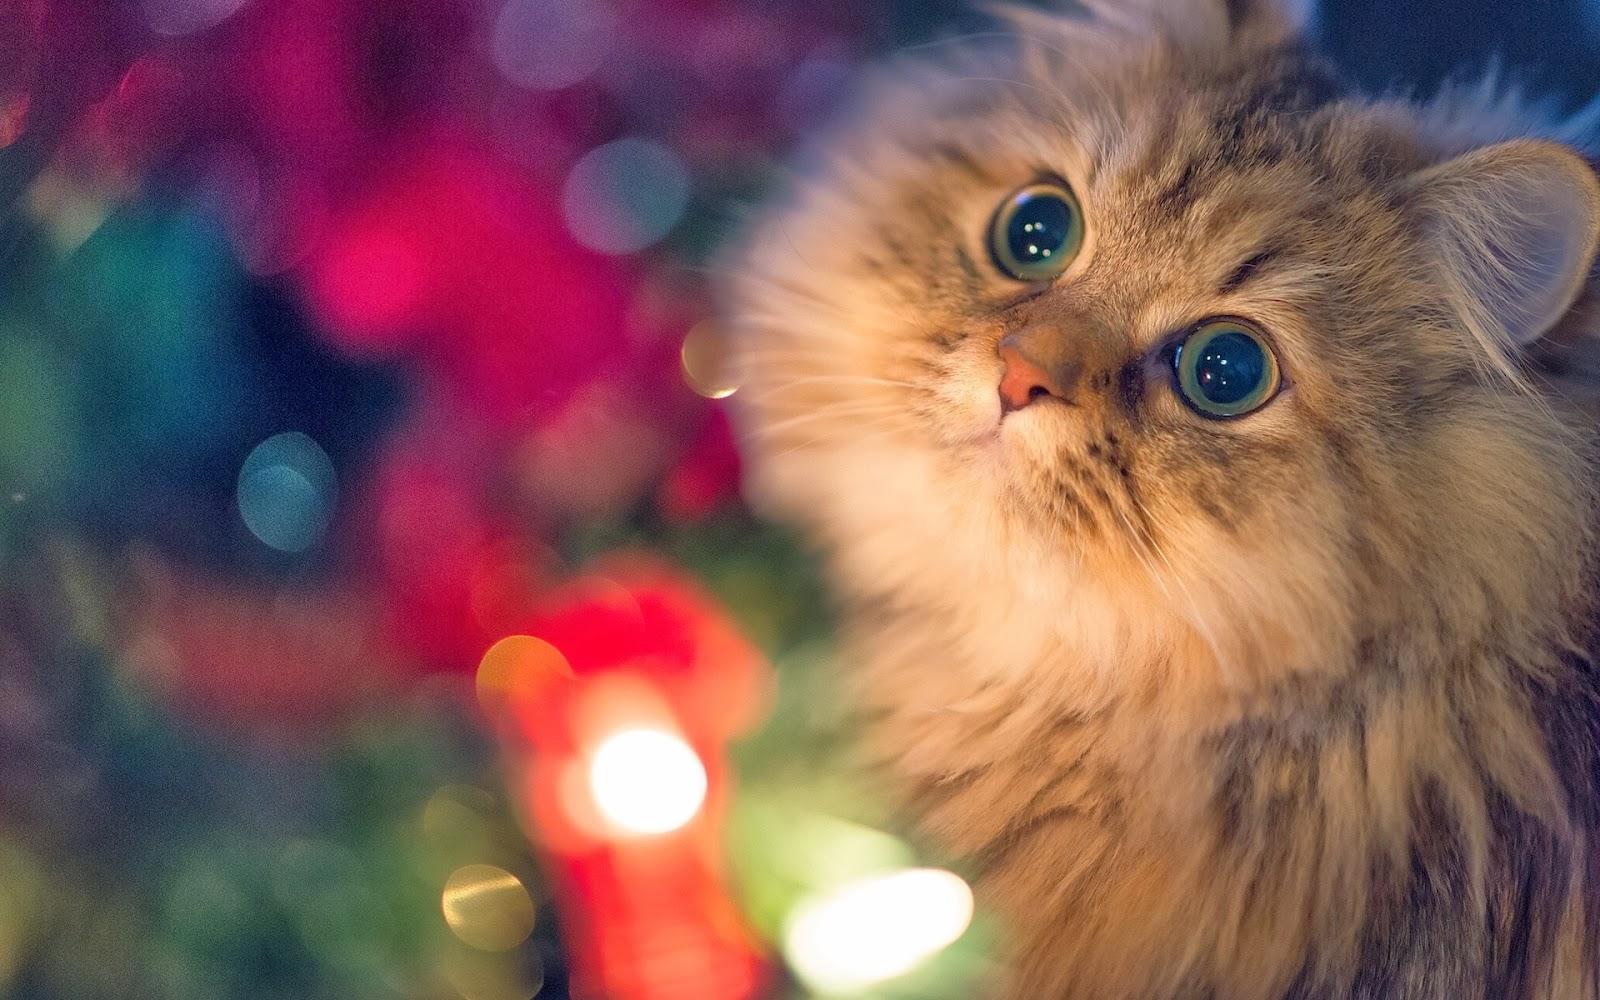 close-up-cat-lights-foto-wallpaper-1920x1200